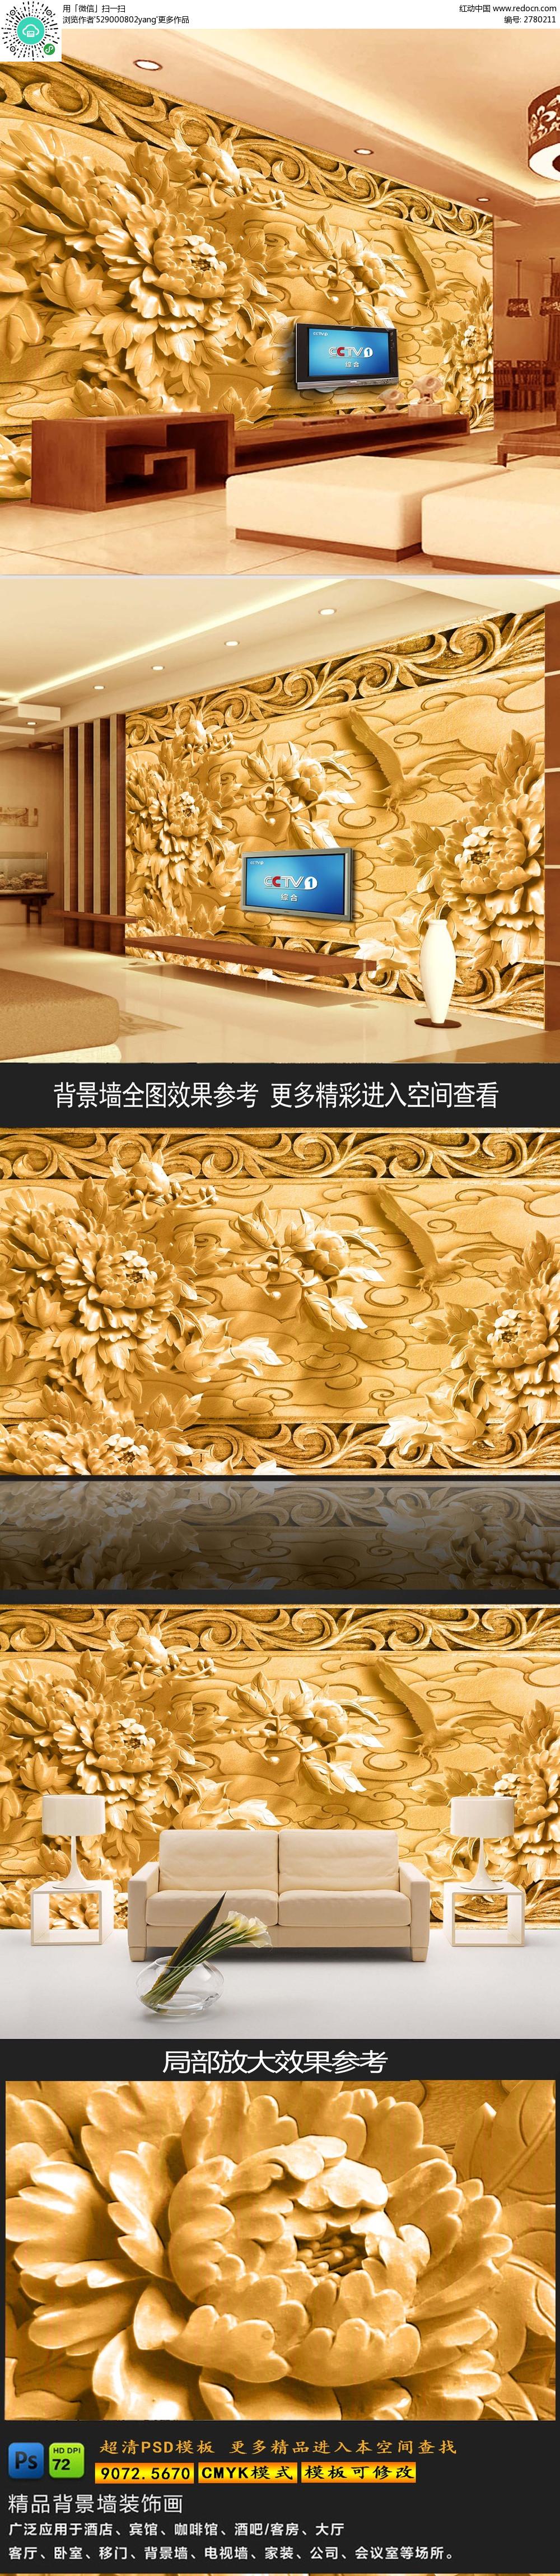 客厅3d牡丹花木雕电视背景墙